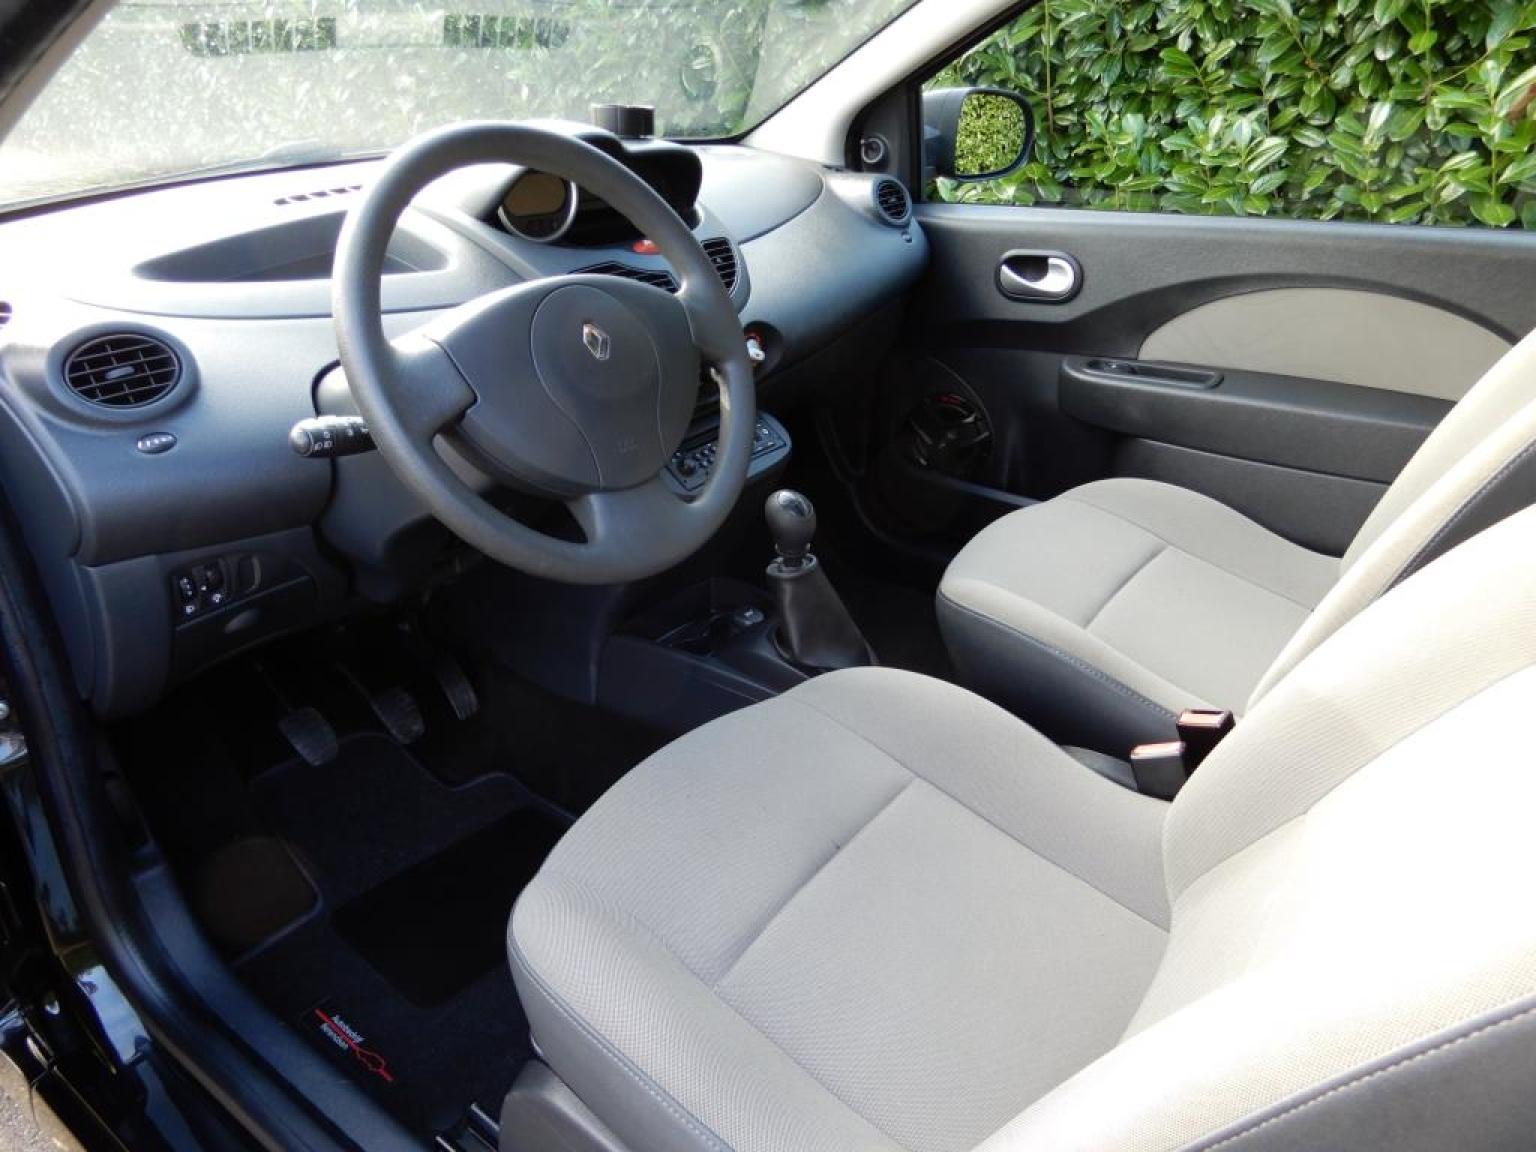 Renault-Twingo-8